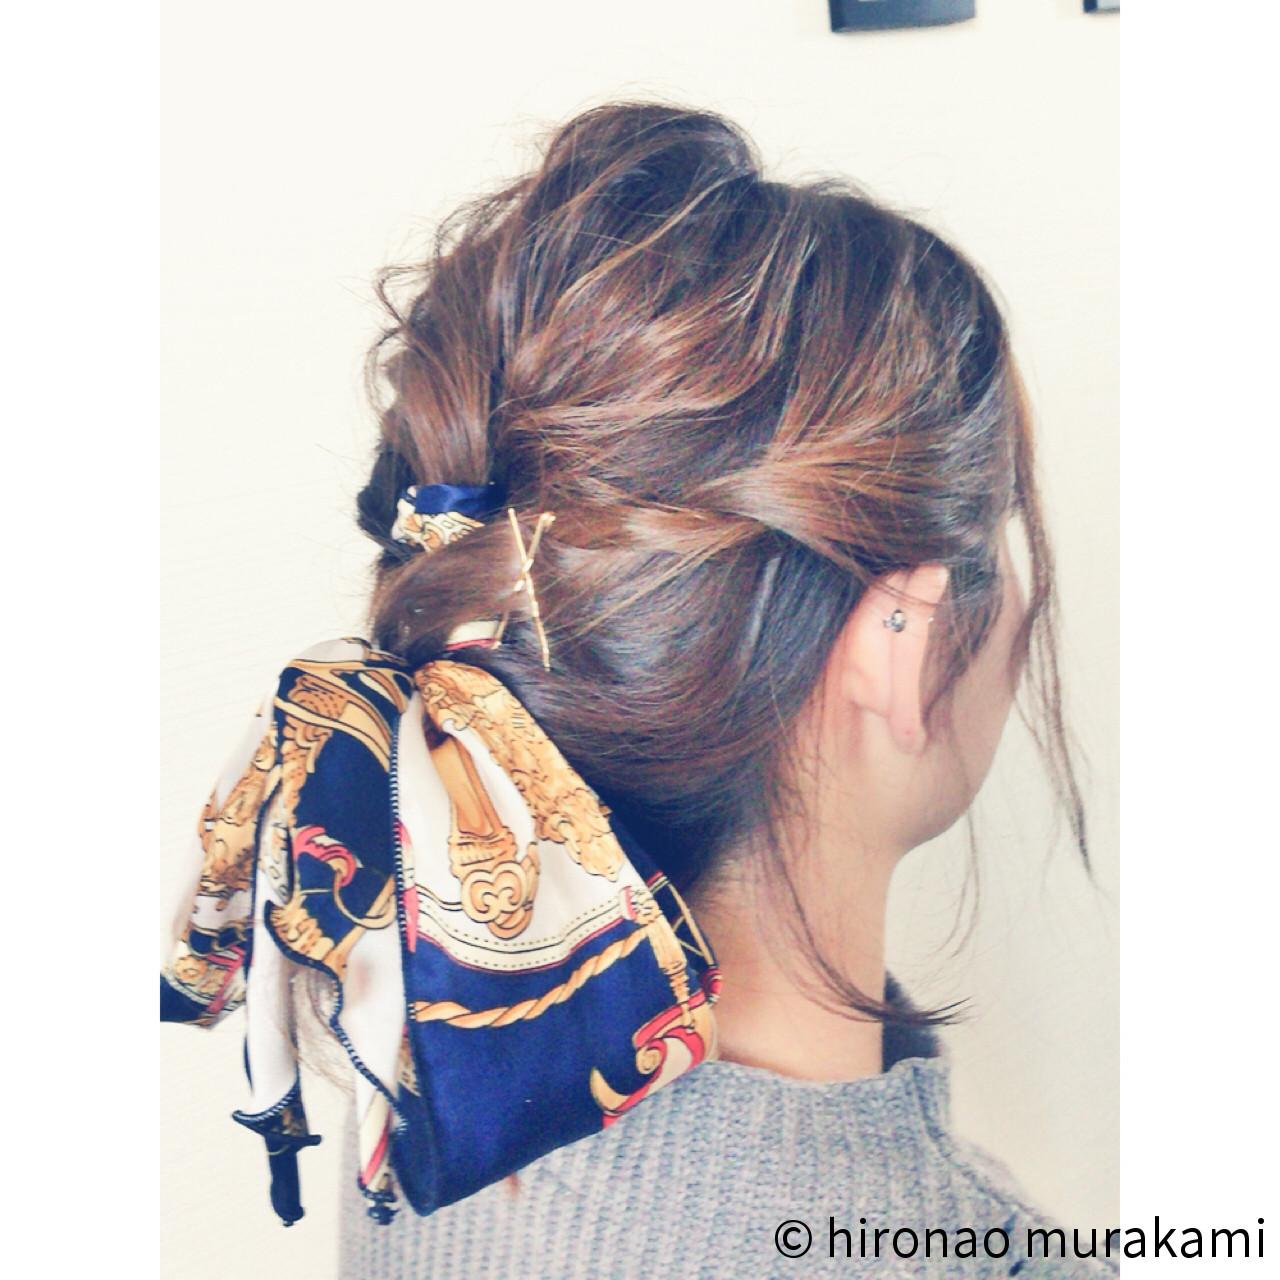 ポニーテール×スカーフで作る簡単可愛いヘアスタイル♡ hironao murakami